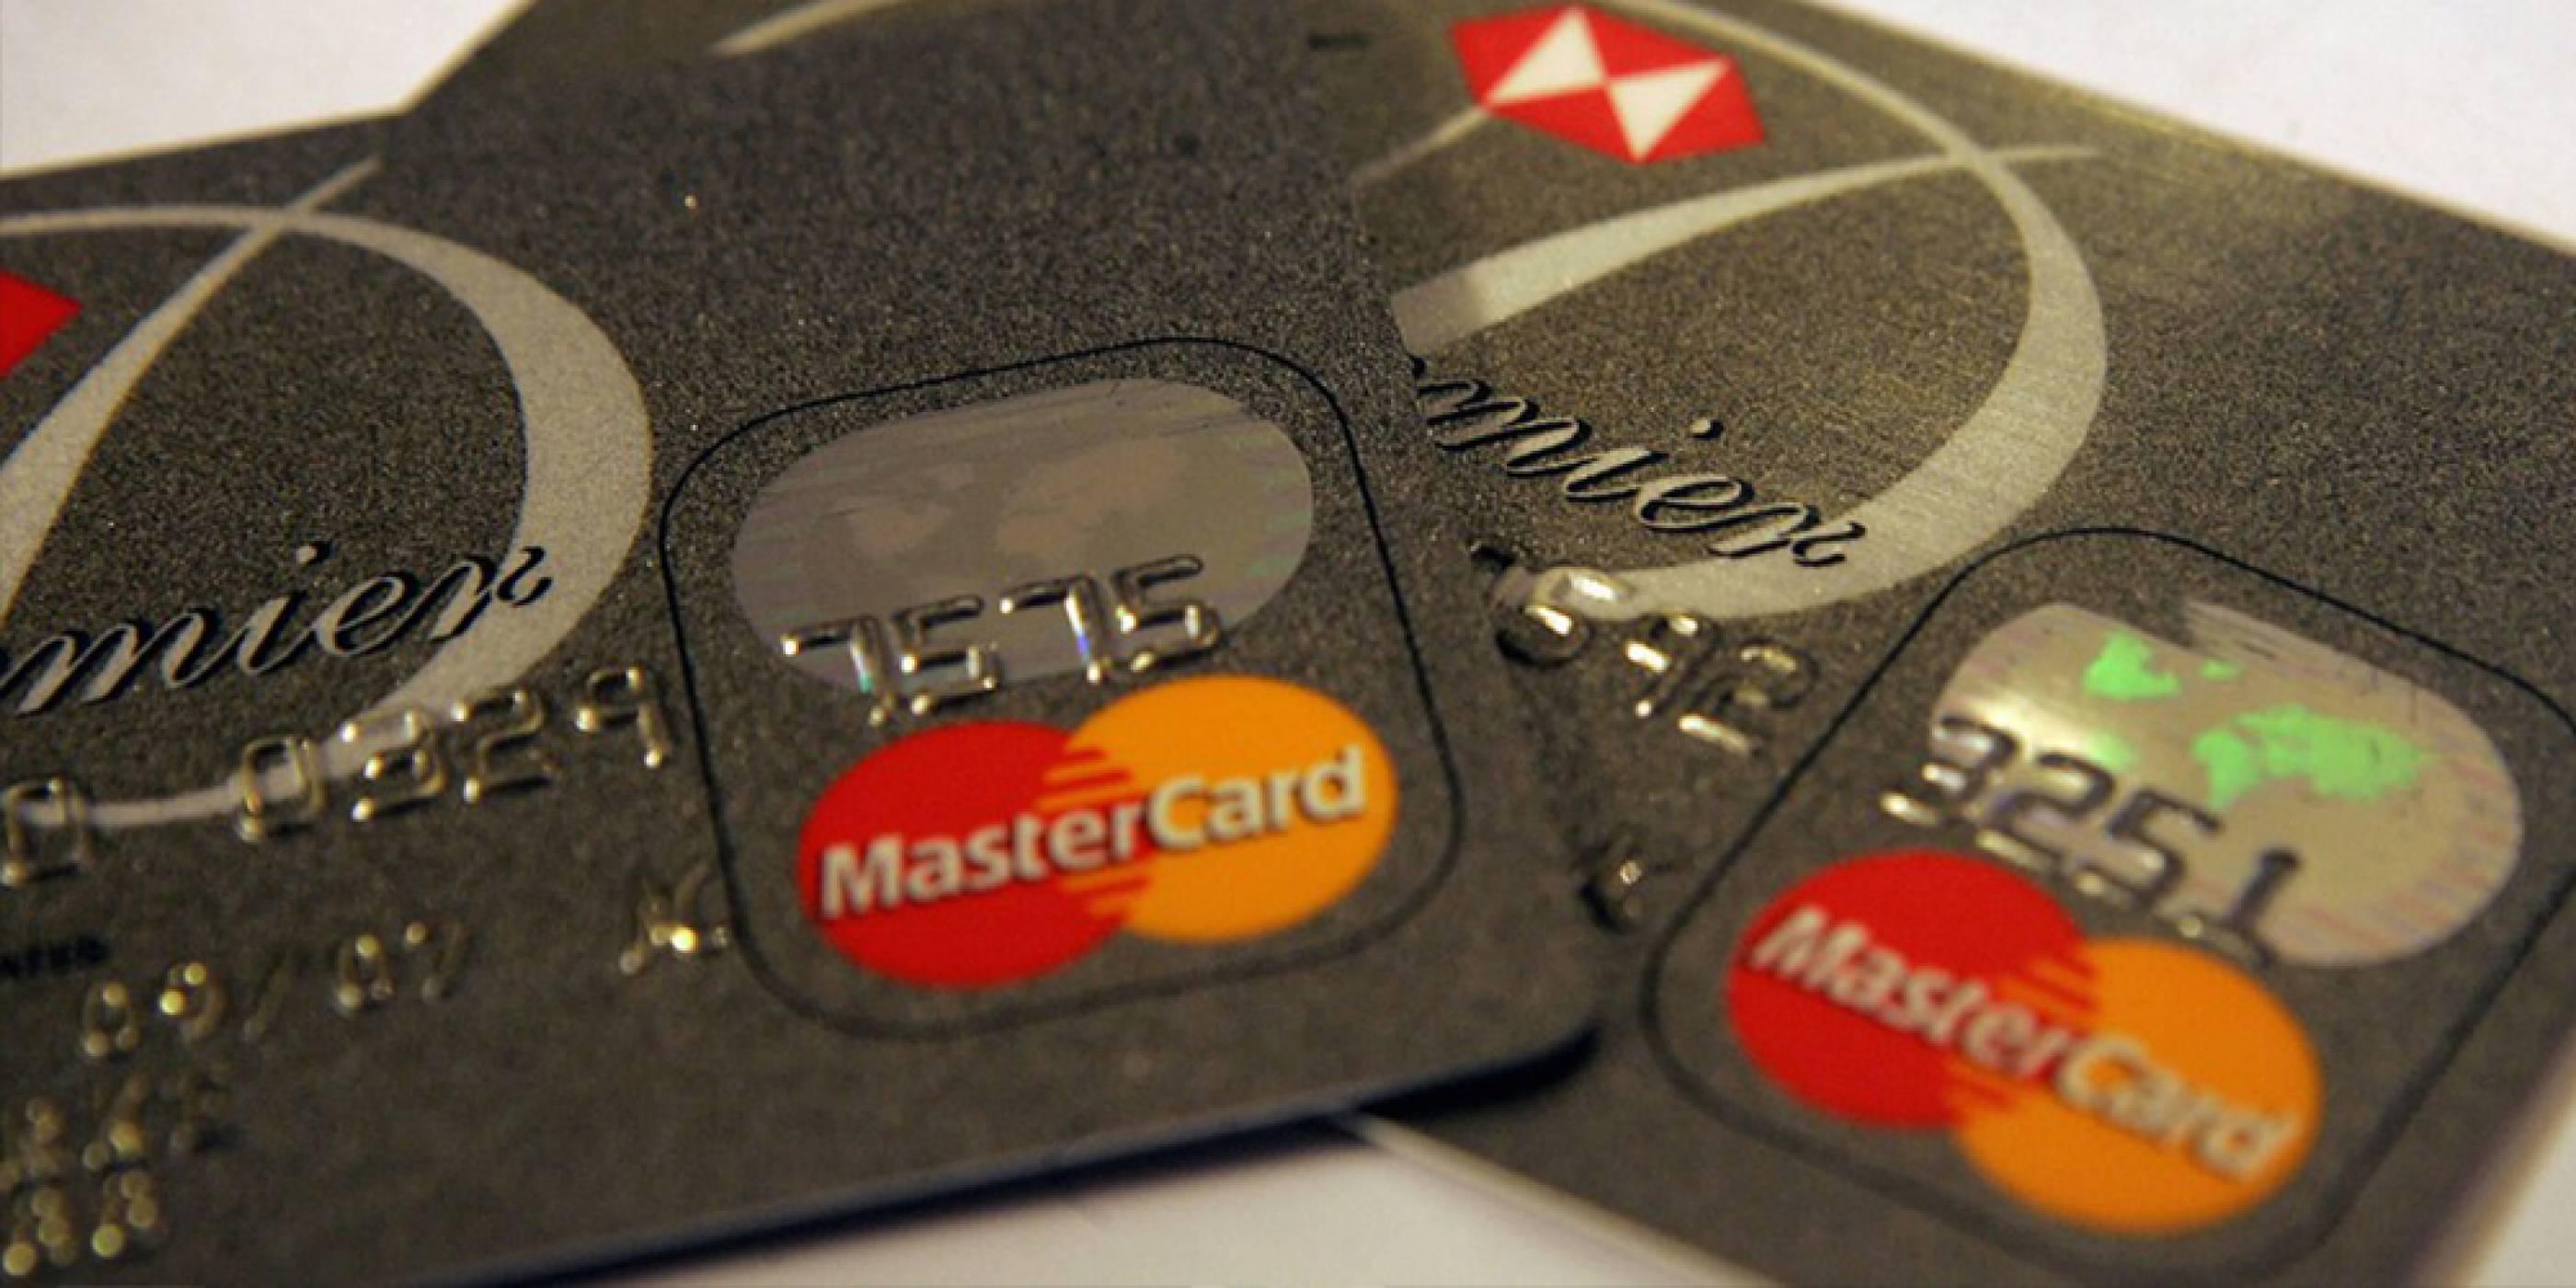 Mastercard се кани да премахне подписите за покупки от април 2018 ...